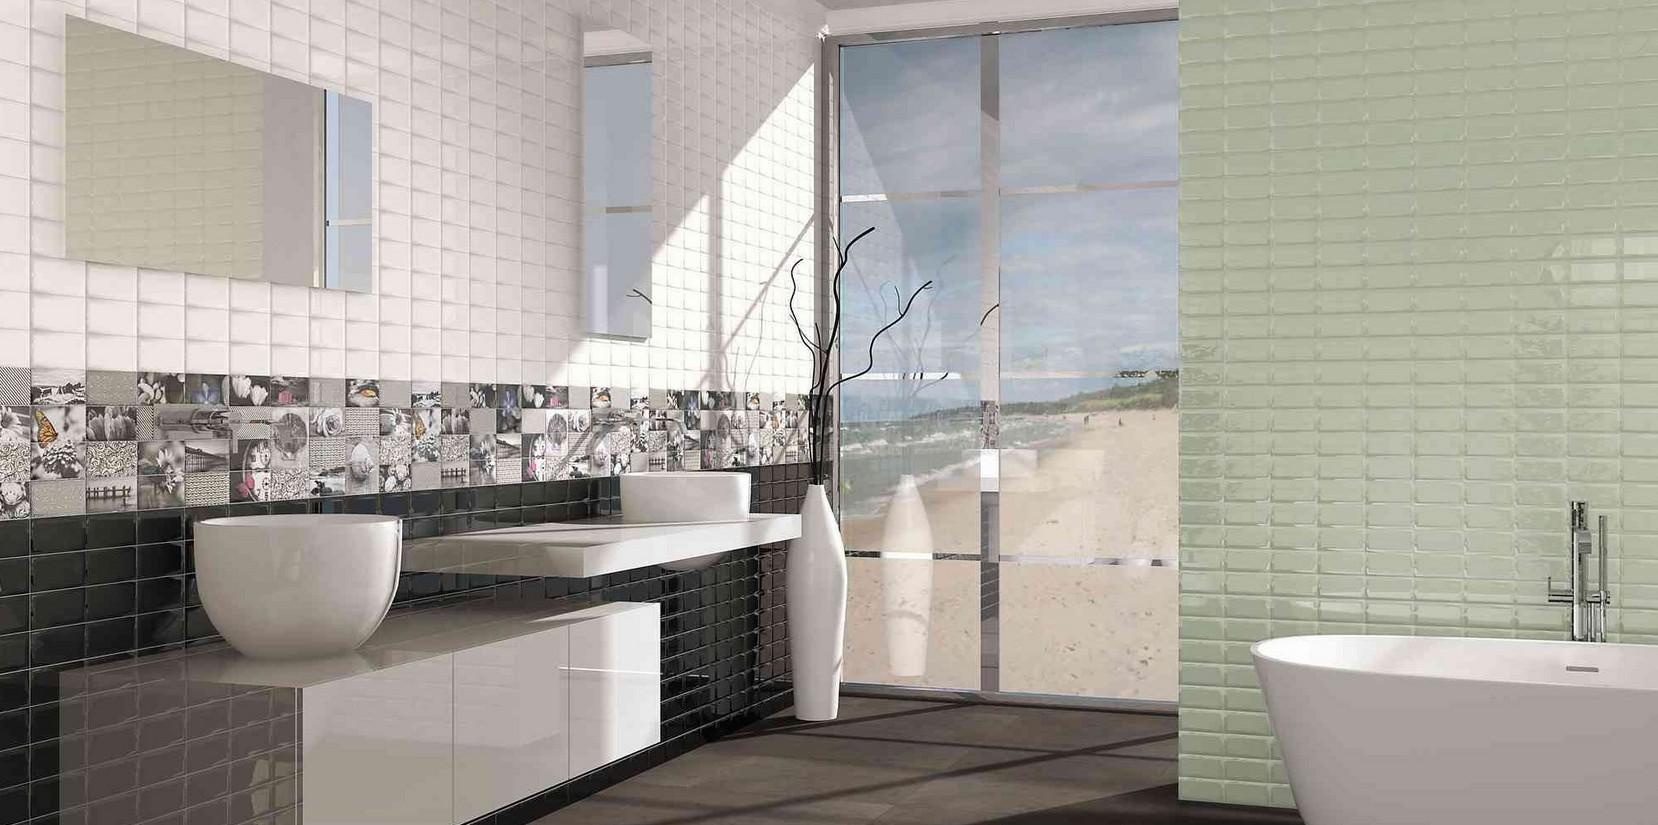 Carrelage metro 31 6x45 york realonda carrelage 1er choix 7 5x15 carrelage salle de bain metro - Comptoir carrelage toulousain ...